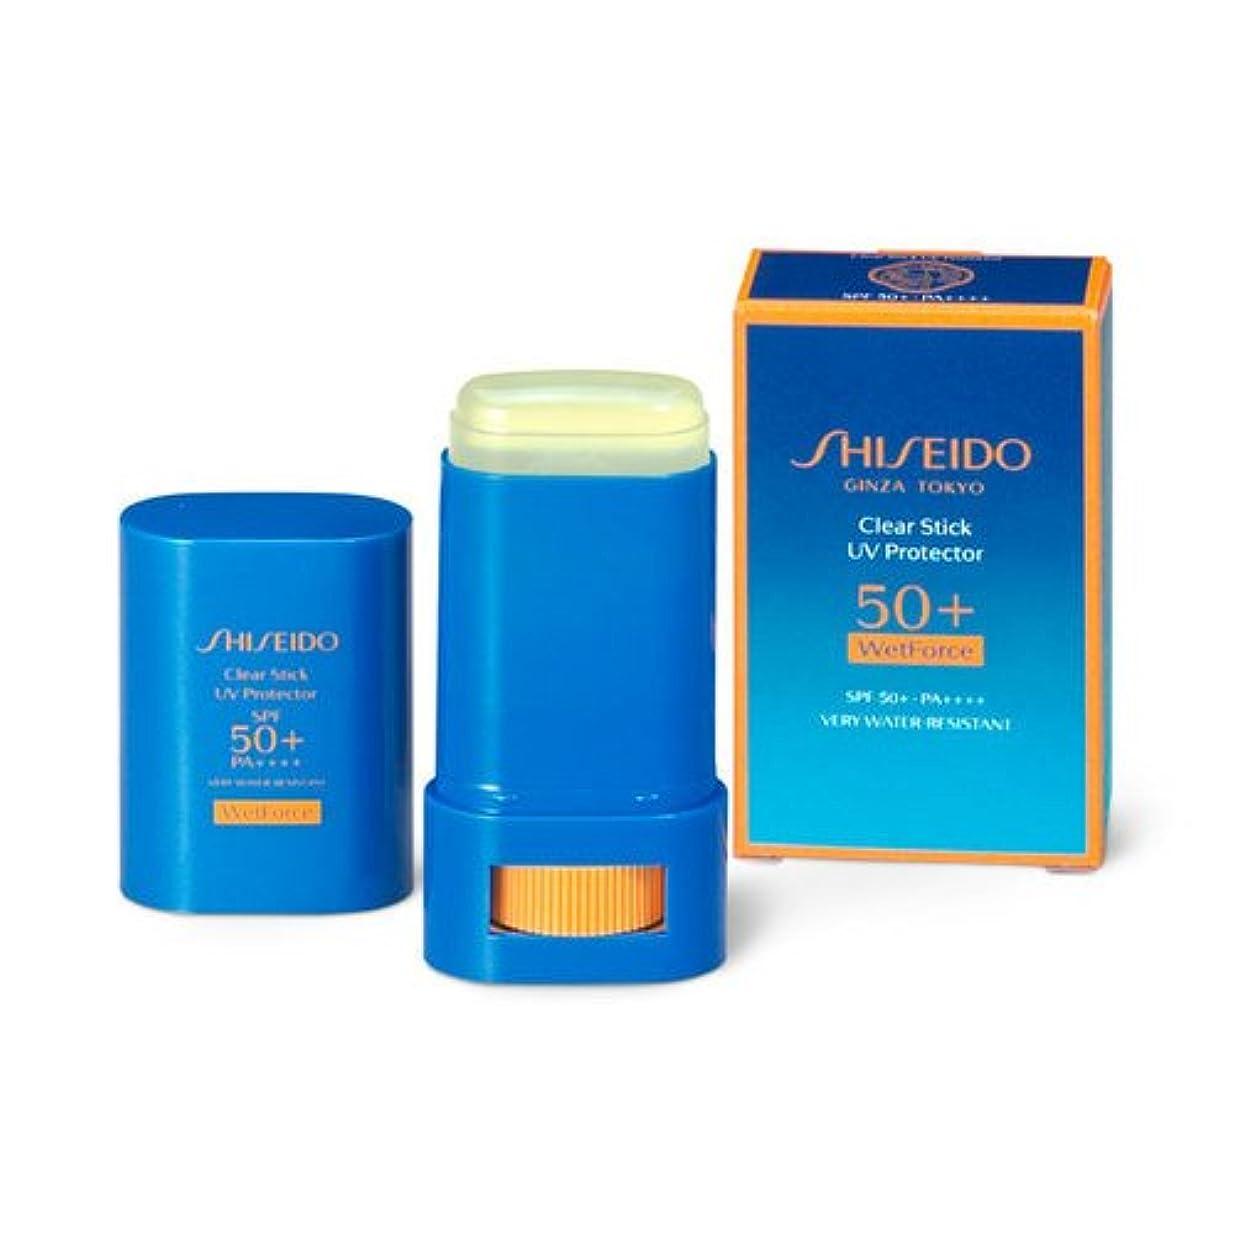 クラックポット顕著専門用語SHISEIDO Suncare(資生堂 サンケア) SHISEIDO(資生堂) クリアスティック UVプロテクター 15g